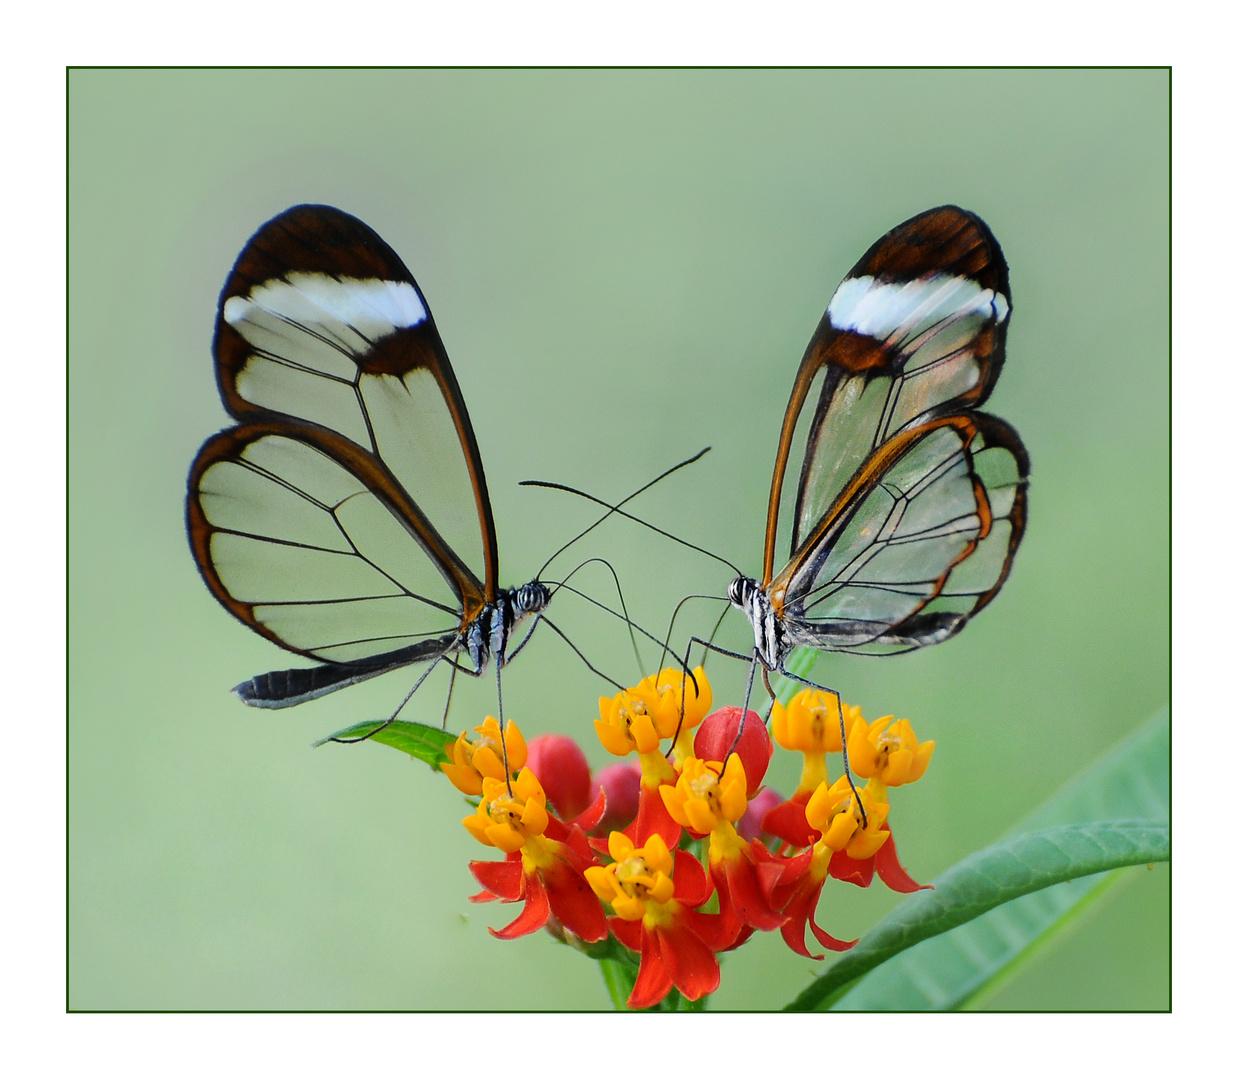 freund oder feind foto bild tiere zoo wildpark falknerei insekten spinnen bilder auf. Black Bedroom Furniture Sets. Home Design Ideas